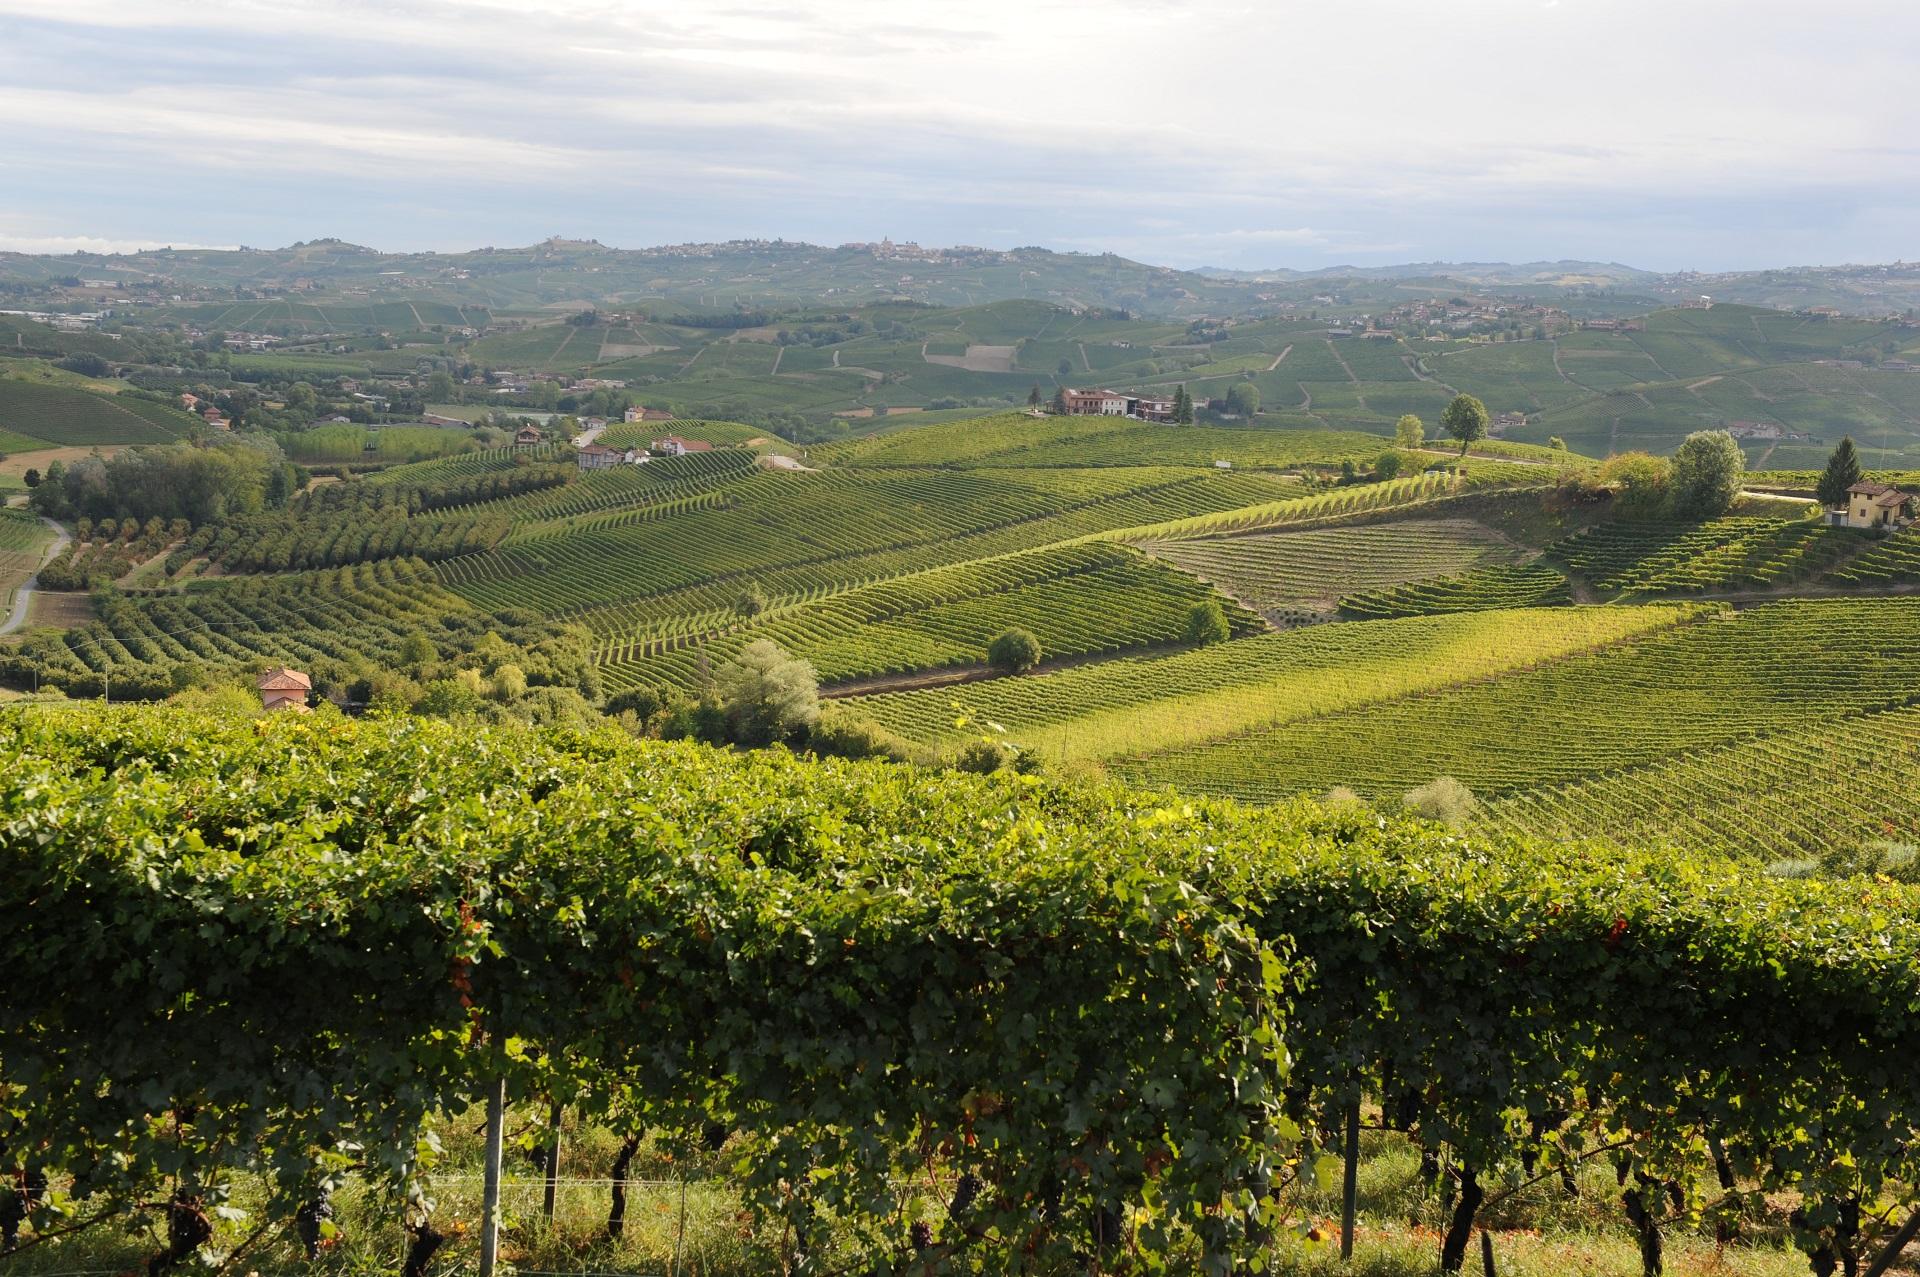 Vineyard in Langhe hills